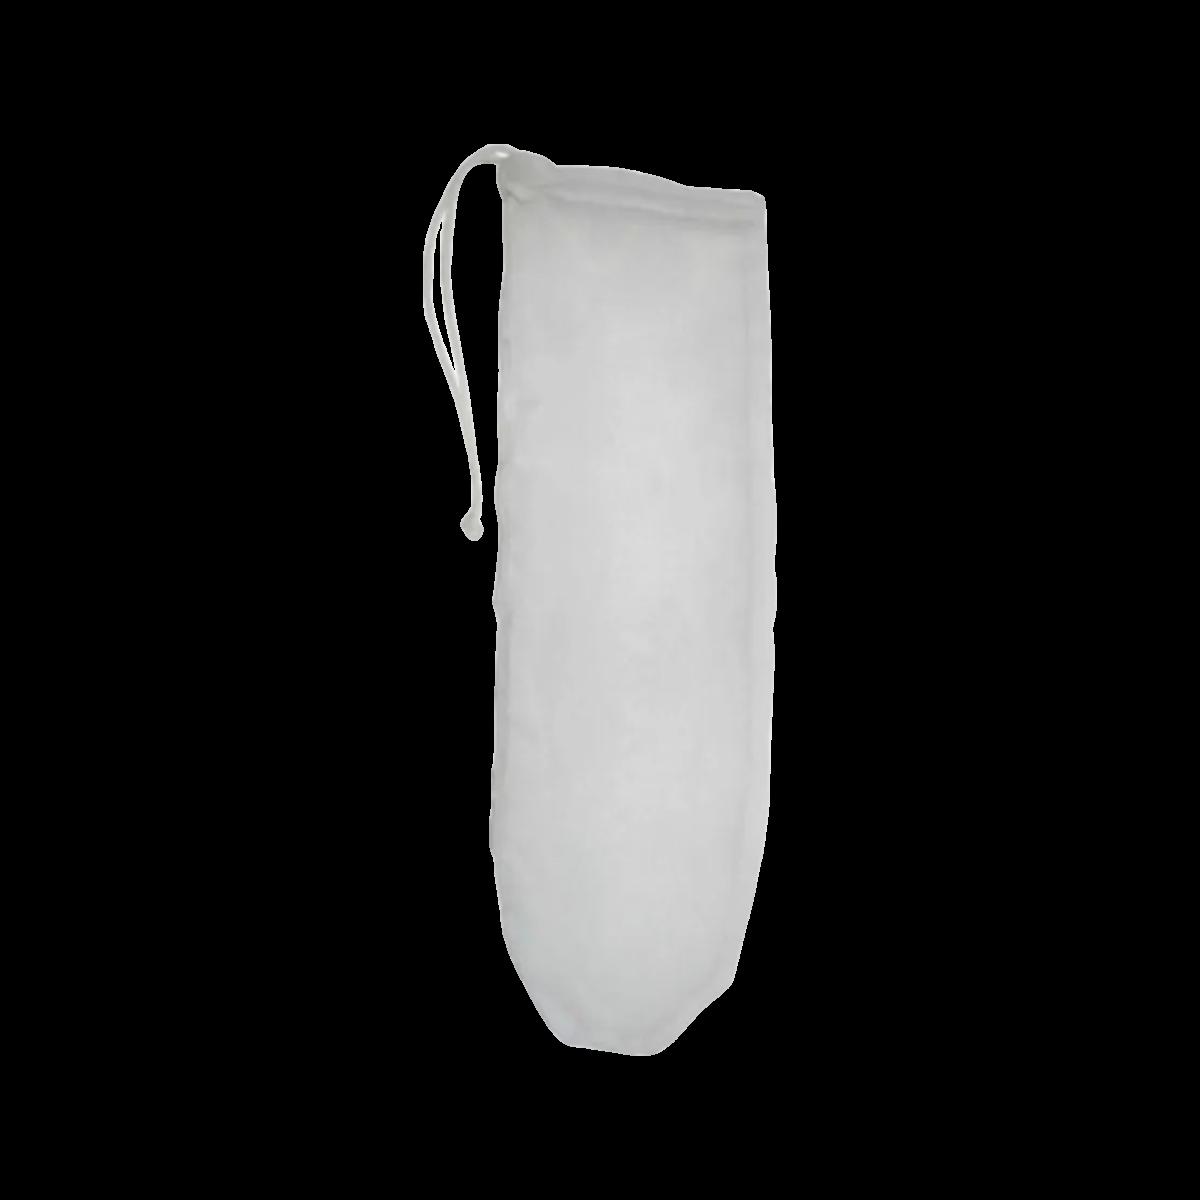 Saco Hop Bag P/ Fermentador 30cm